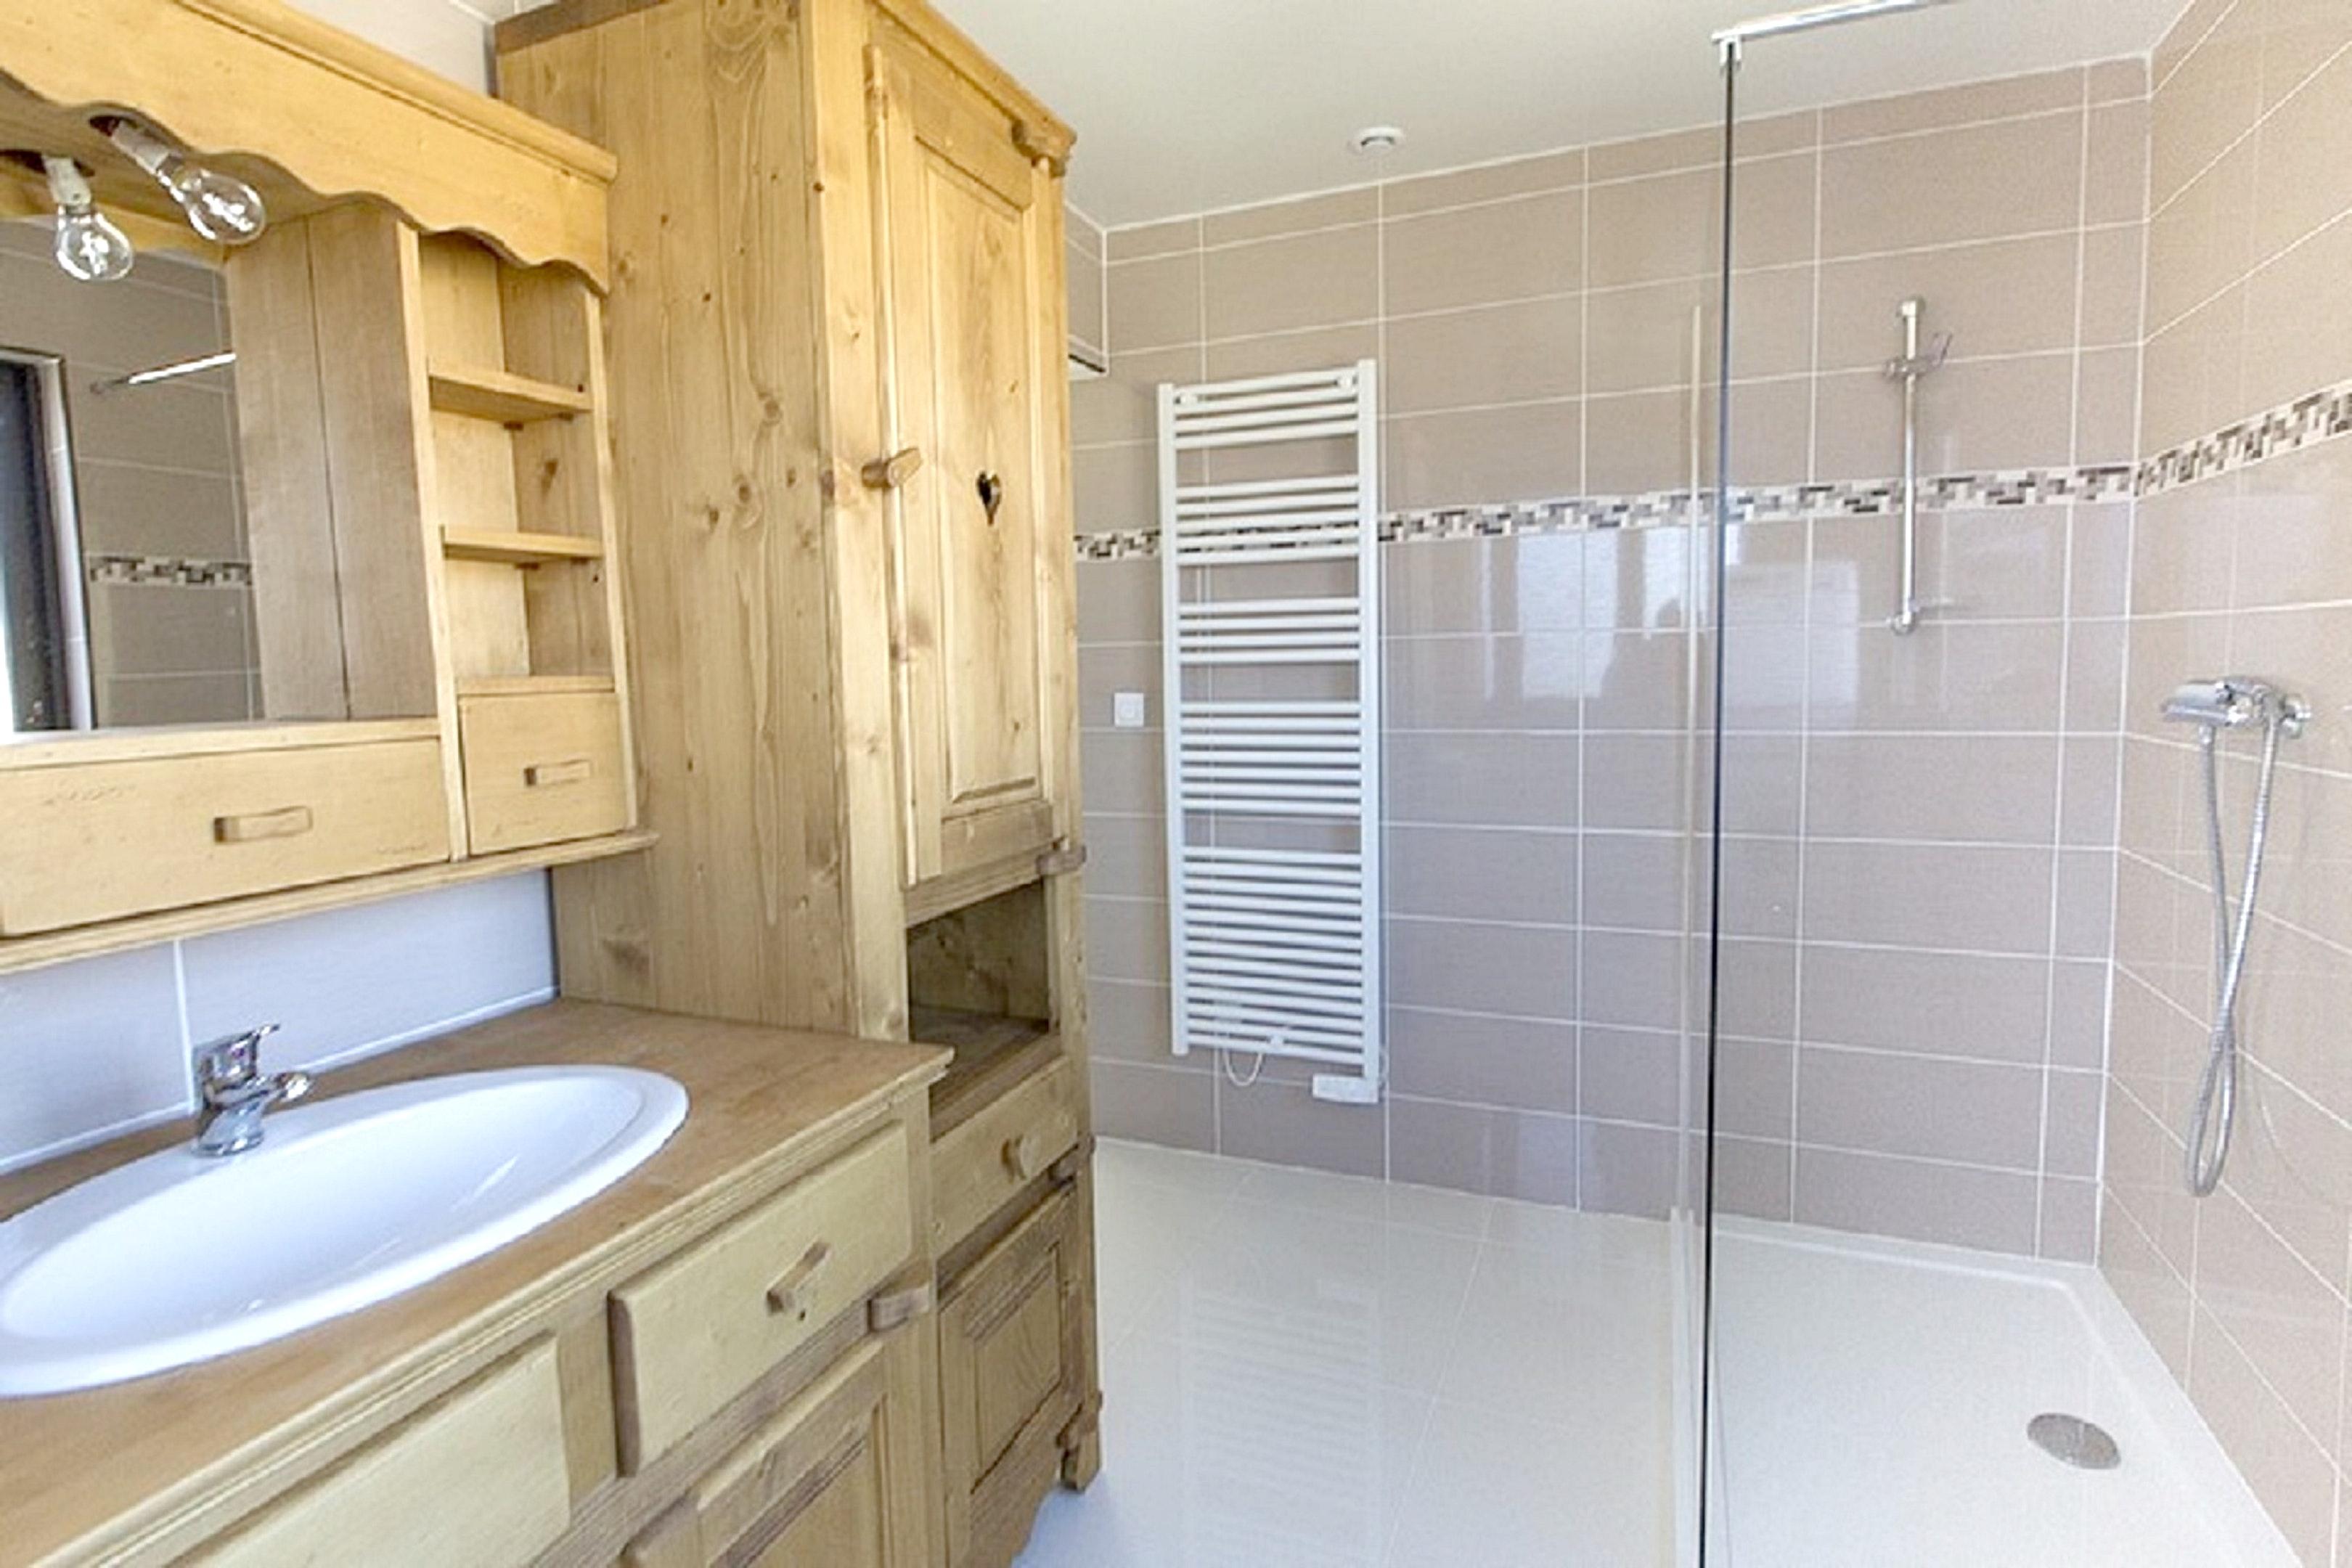 Maison de vacances Hütte mit 7 Schlafzimmern in Les Moussières mit toller Aussicht auf die Berge, möblierter  (2677371), Les Moussières, Jura, Franche-Comté, France, image 21